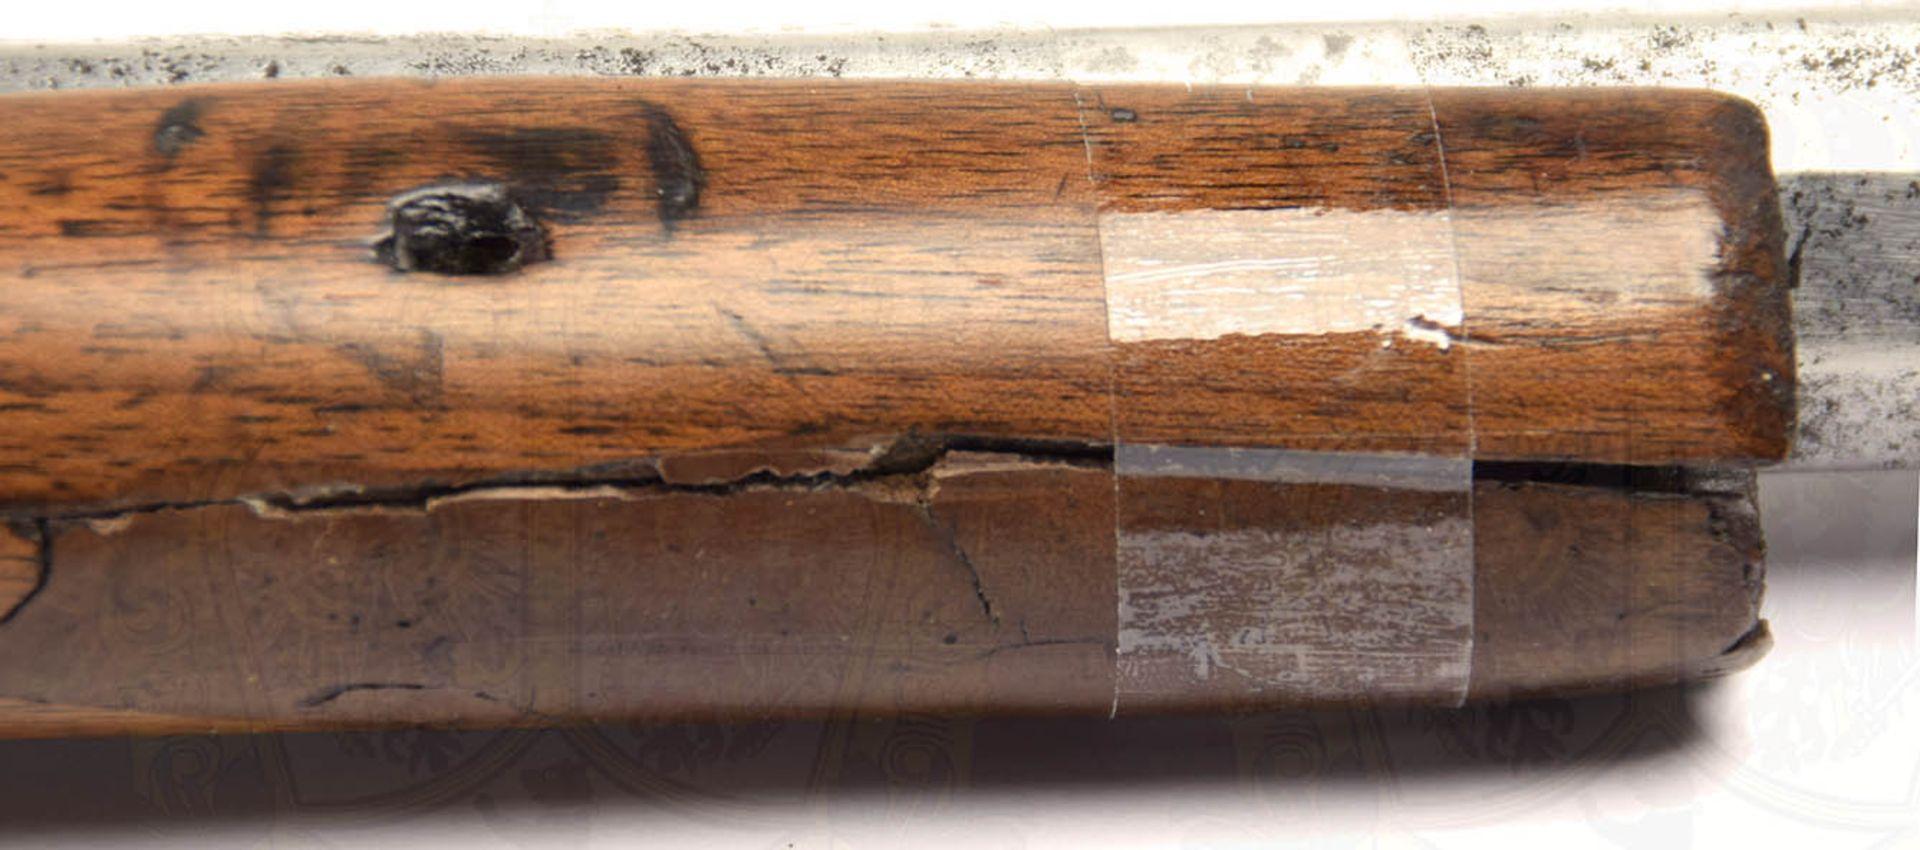 PERKUSSIONSGEWEHR, Afghanistan 19. Jh., Achtkantlauf, ca. Kal. 16 mm, durchgehend kleine Narben u. - Bild 5 aus 6